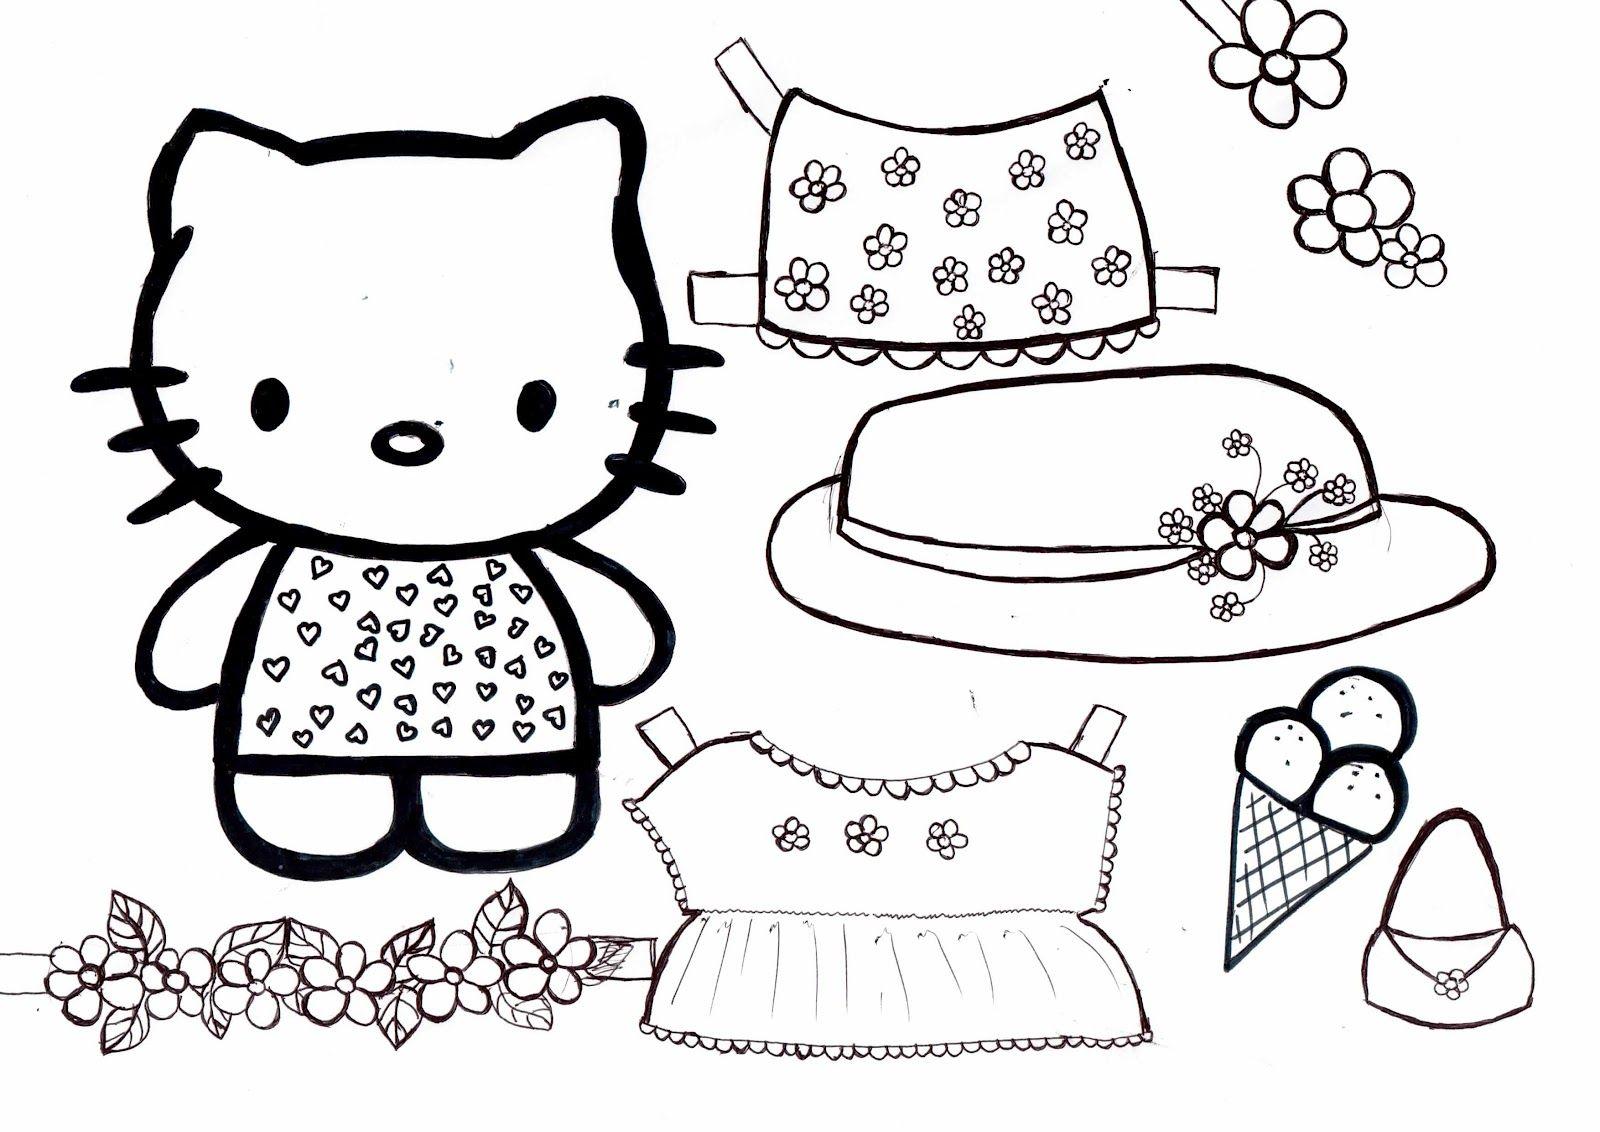 Kristines Smilskaste Hello Kitty Papira Lelles Tipos De Letras Abecedario Tipos De Letras Letras Del Abecedario